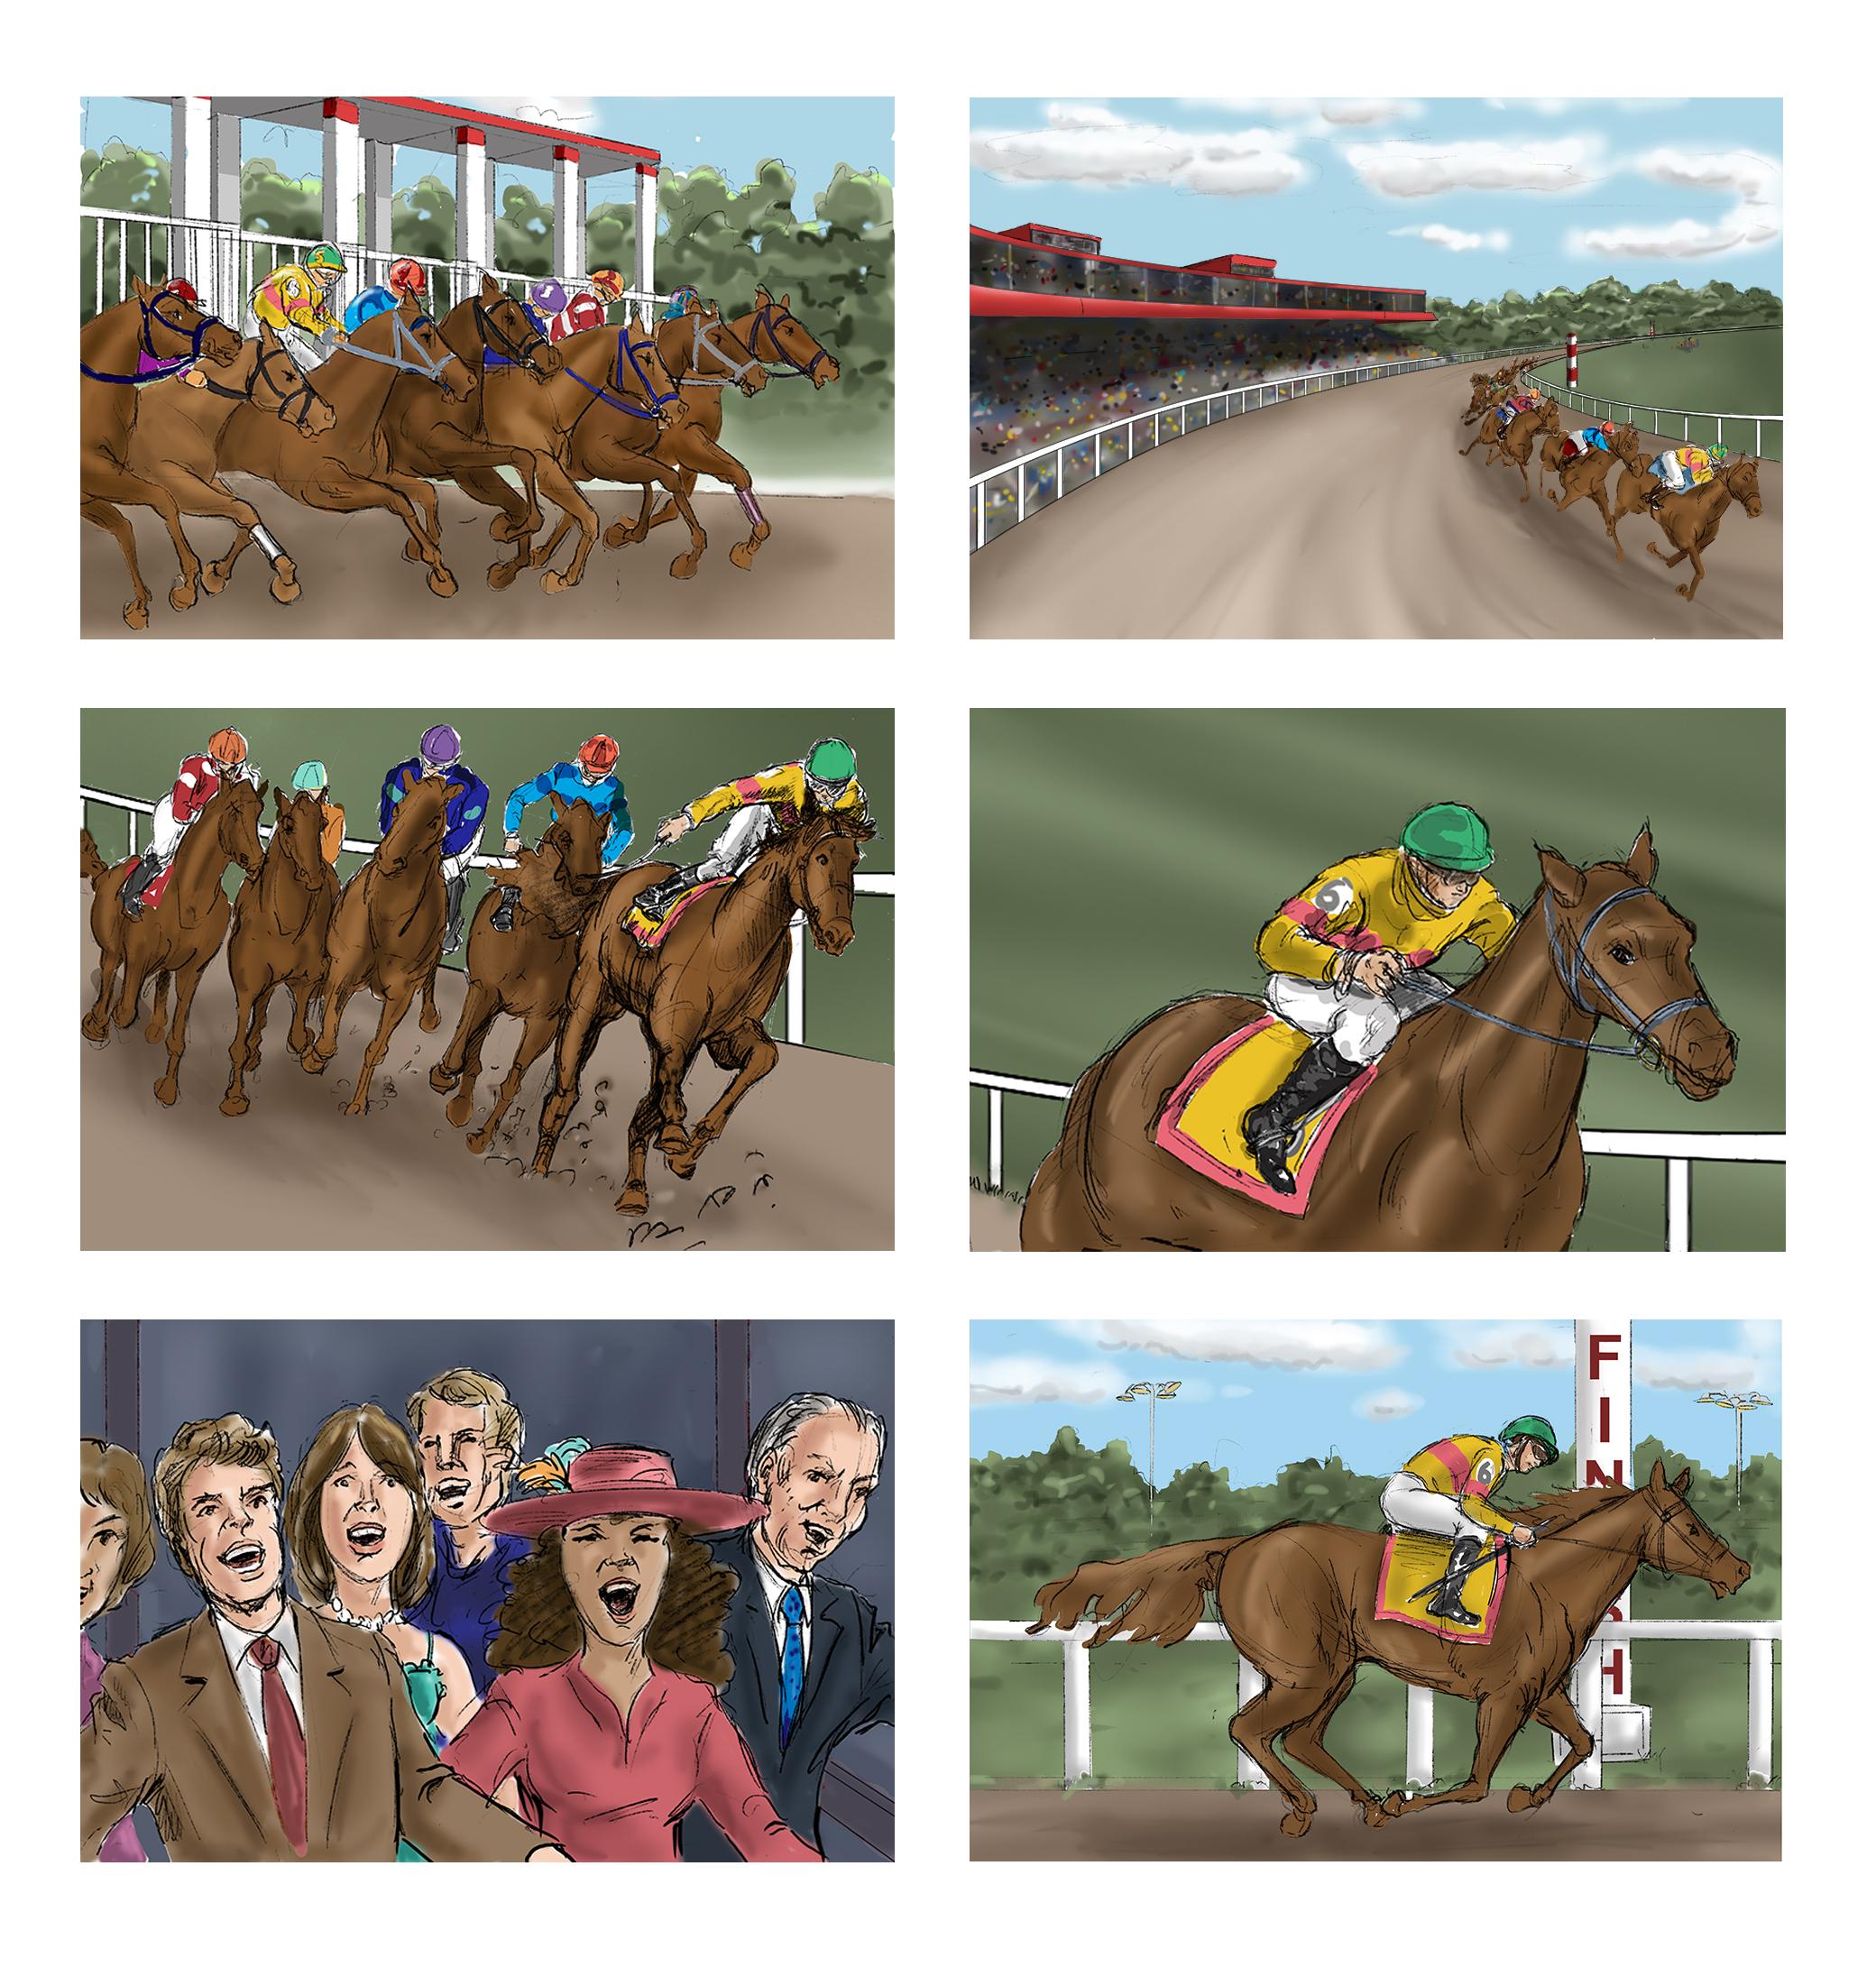 horse_racing_Final_frames_1_6.jpg